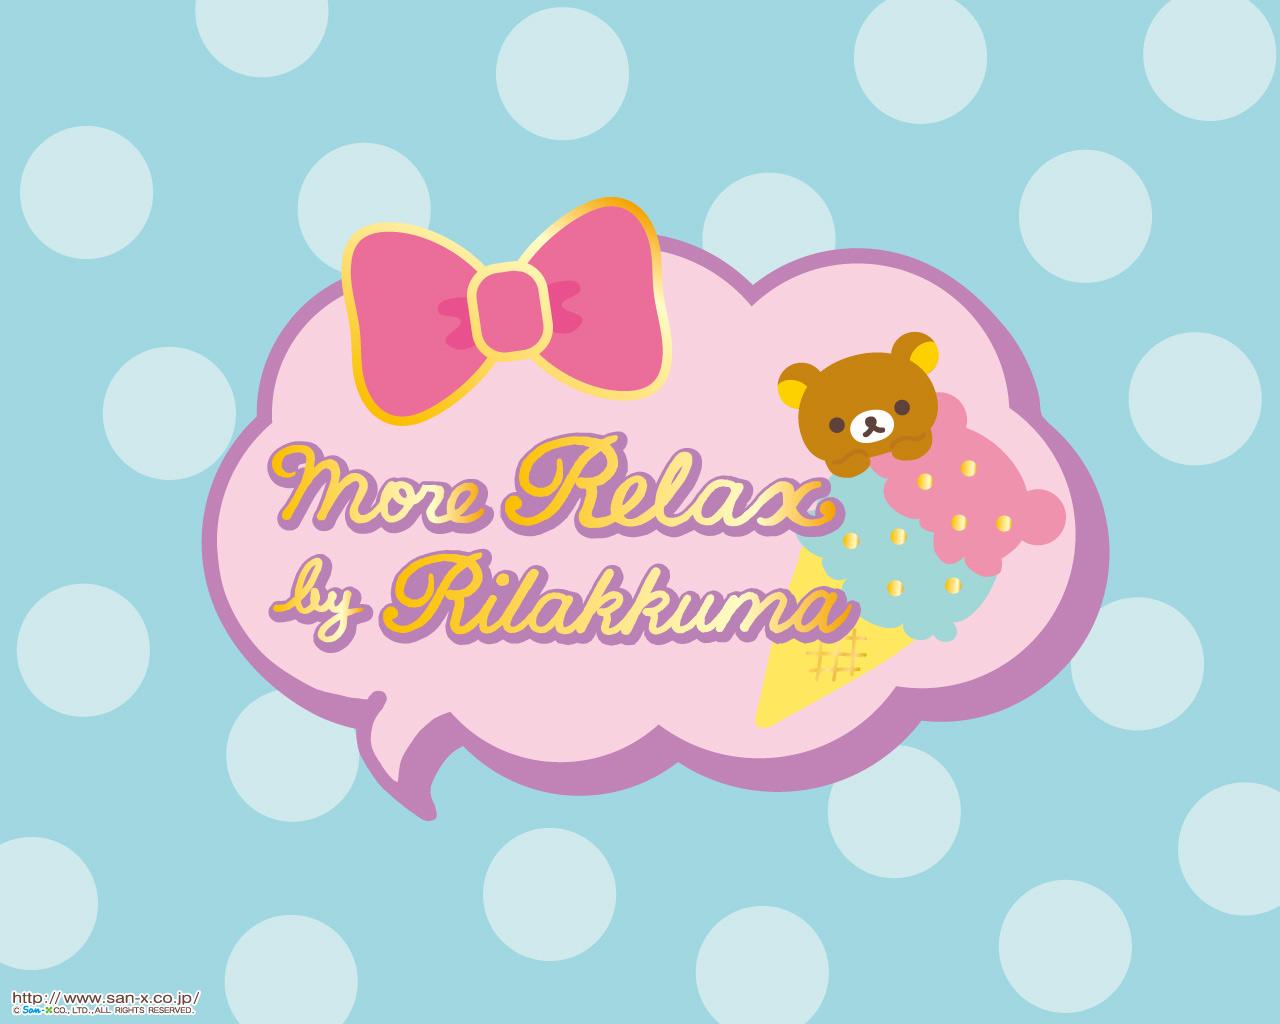 Cute Little Kitten Desktop Wallpapers Rilakkuma Wallpapers Cute Kawaii Resources